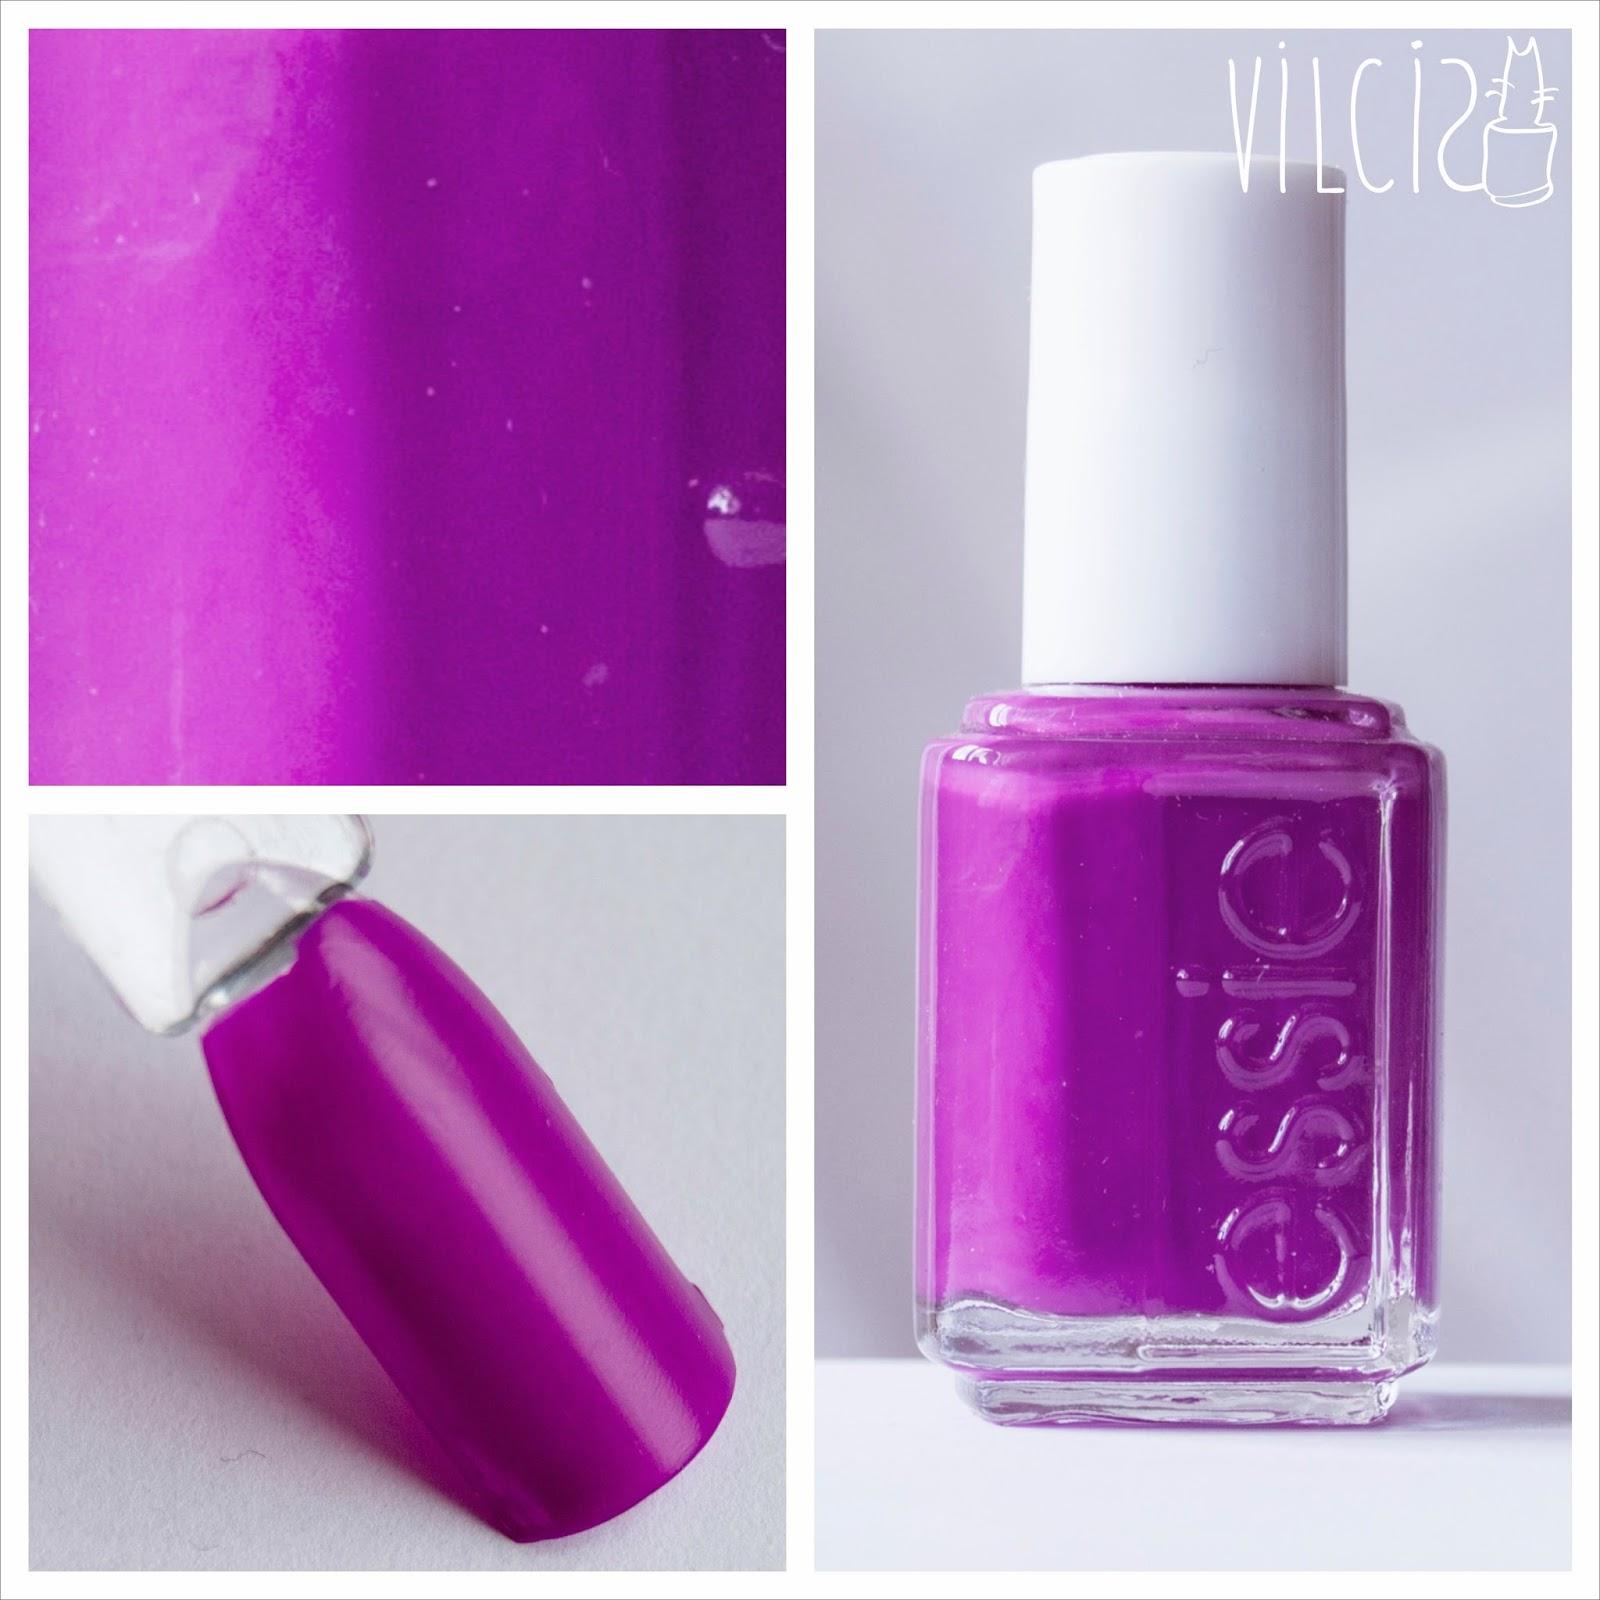 Vilcis nail designs: Más esmaltes nuevos: ORLY, Essie, China Glaze